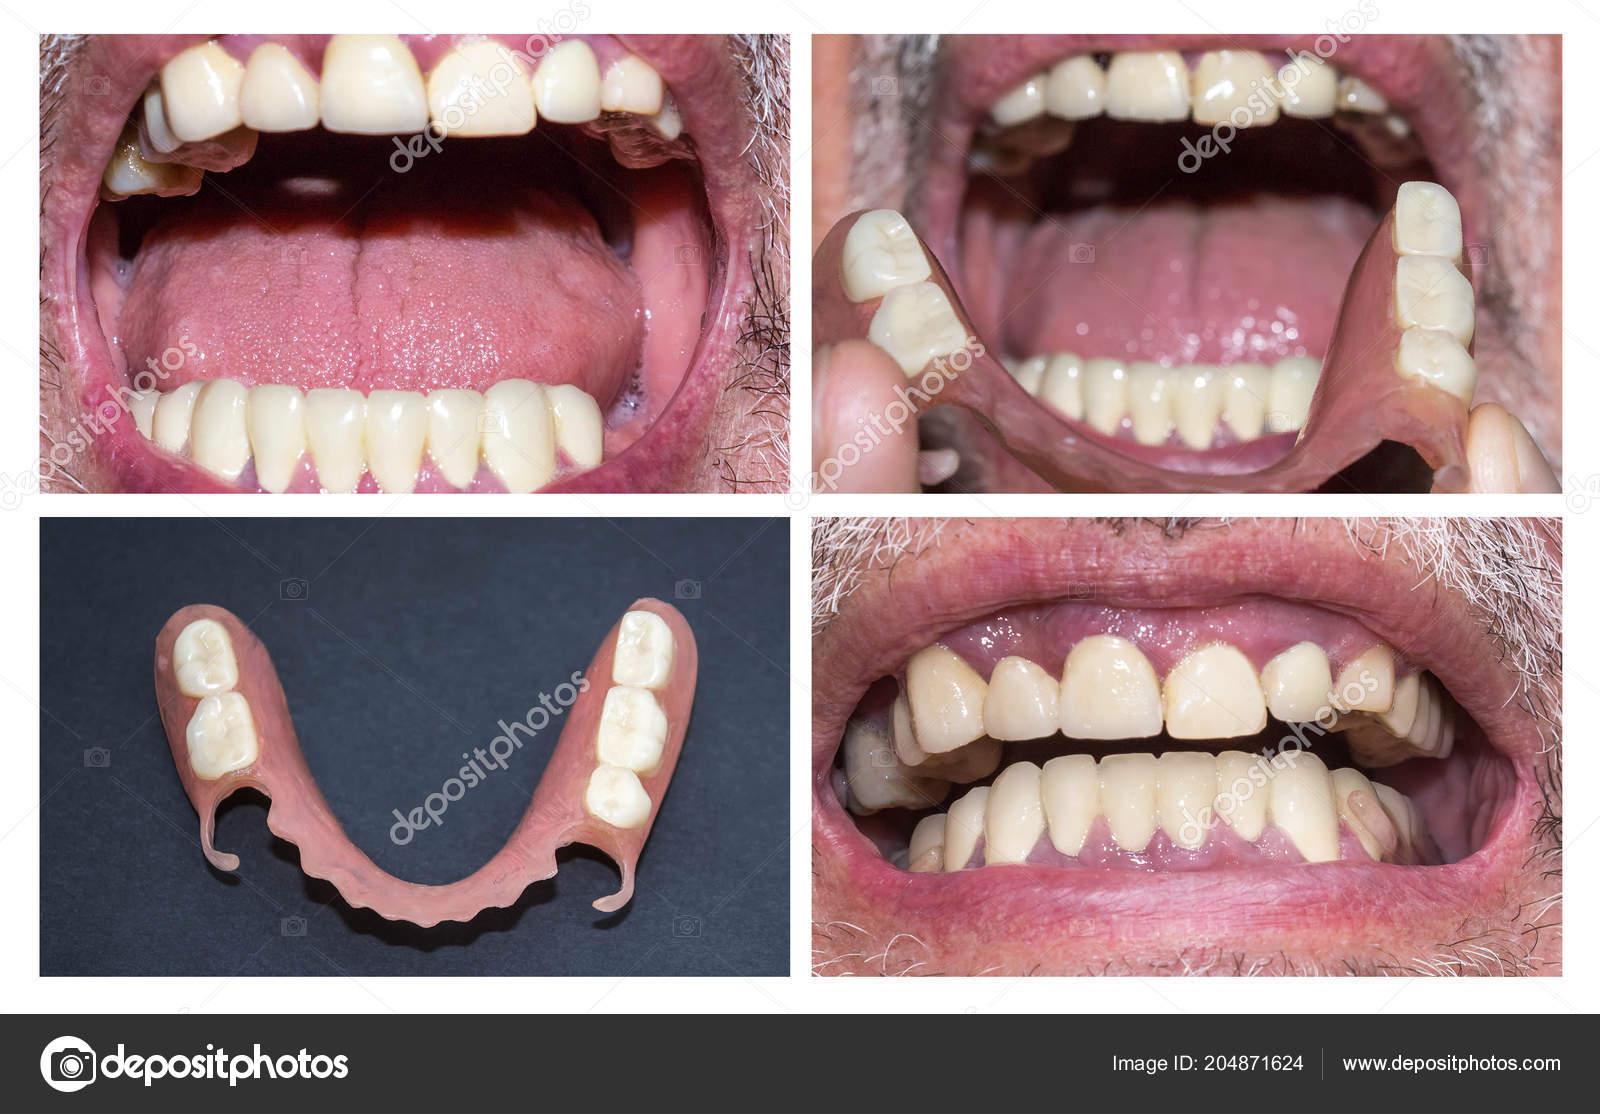 3916aa5f5d49 Reabilitação dentária com prótese superior e inferior, antes e após o  tratamento — Fotografia de